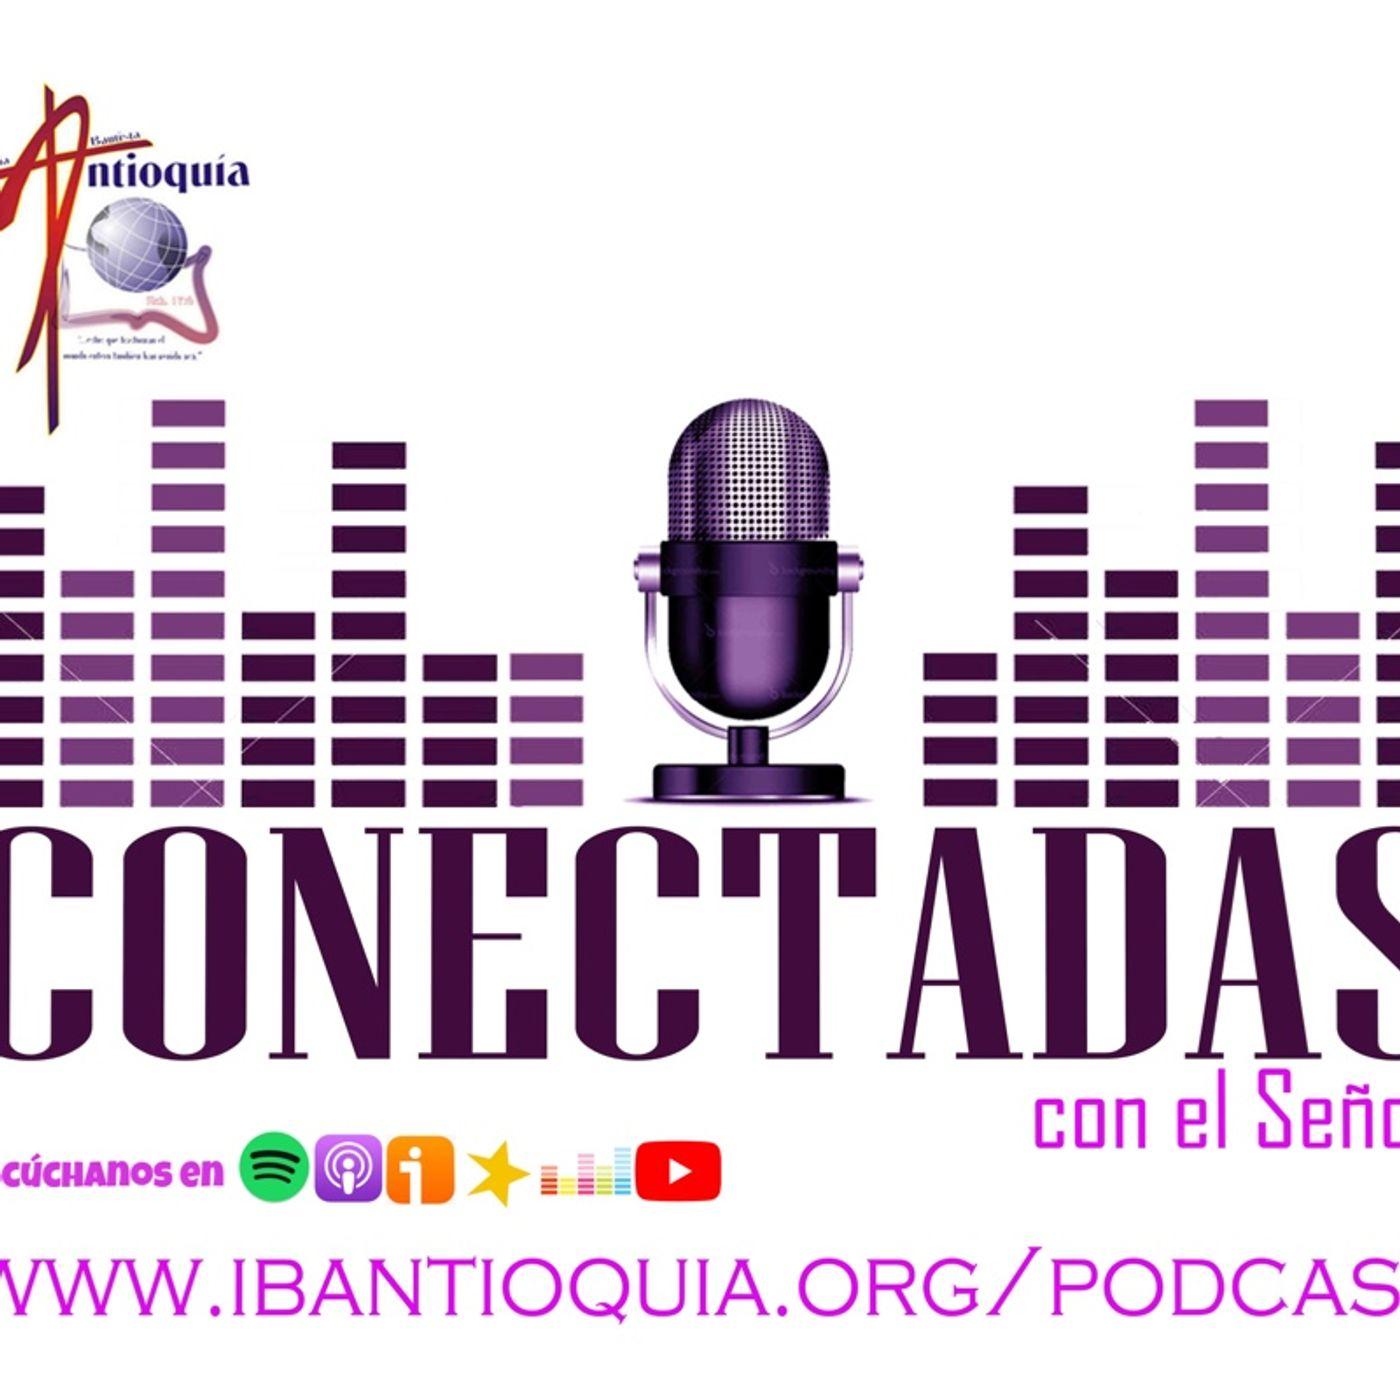 Episodio 19 - Conectadas - IBA